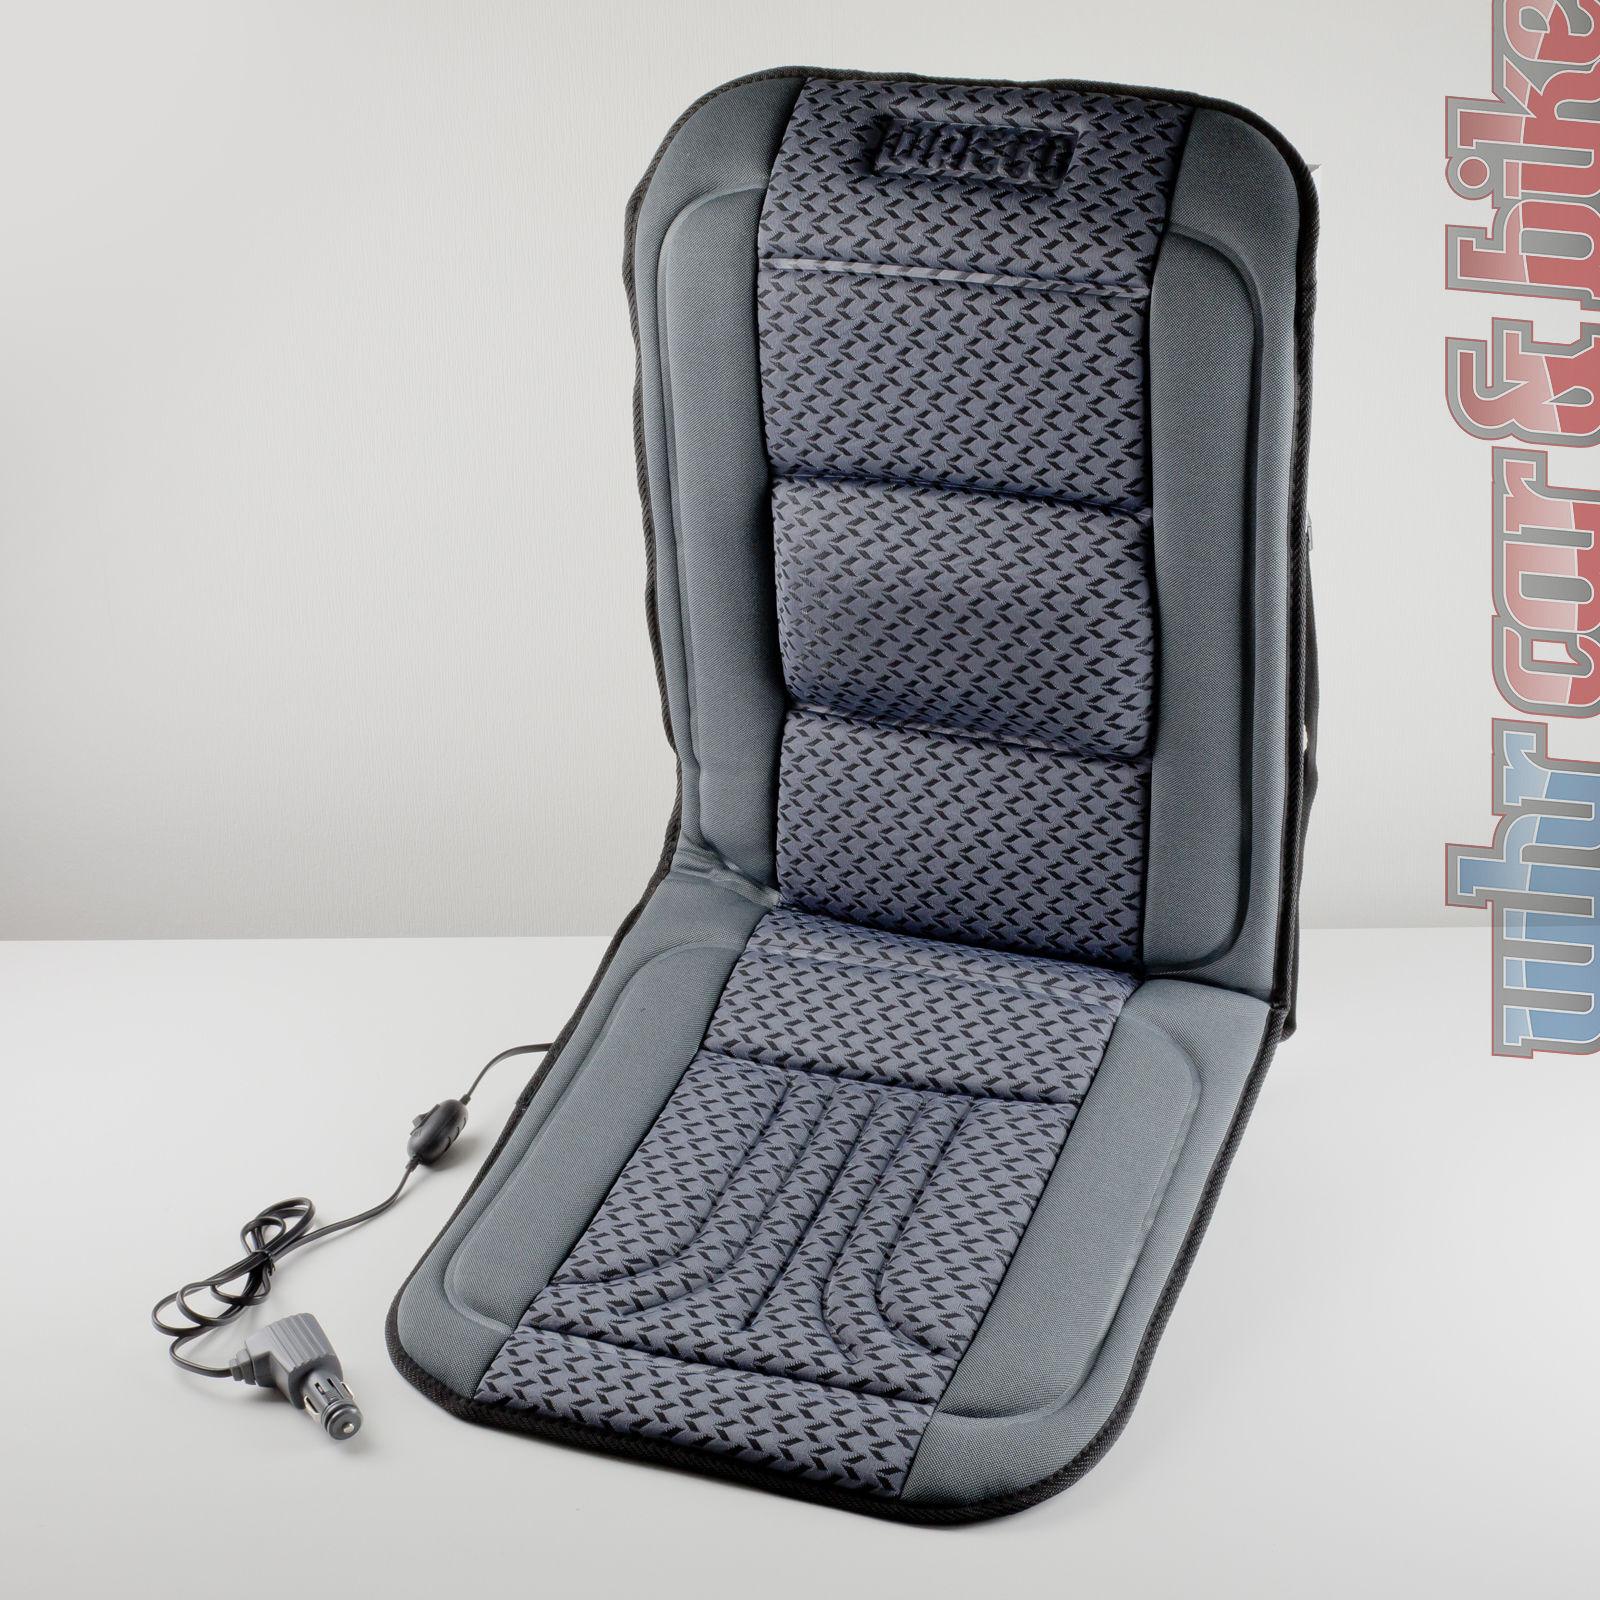 beheizbare sitzauflage test vergleich beheizbare. Black Bedroom Furniture Sets. Home Design Ideas